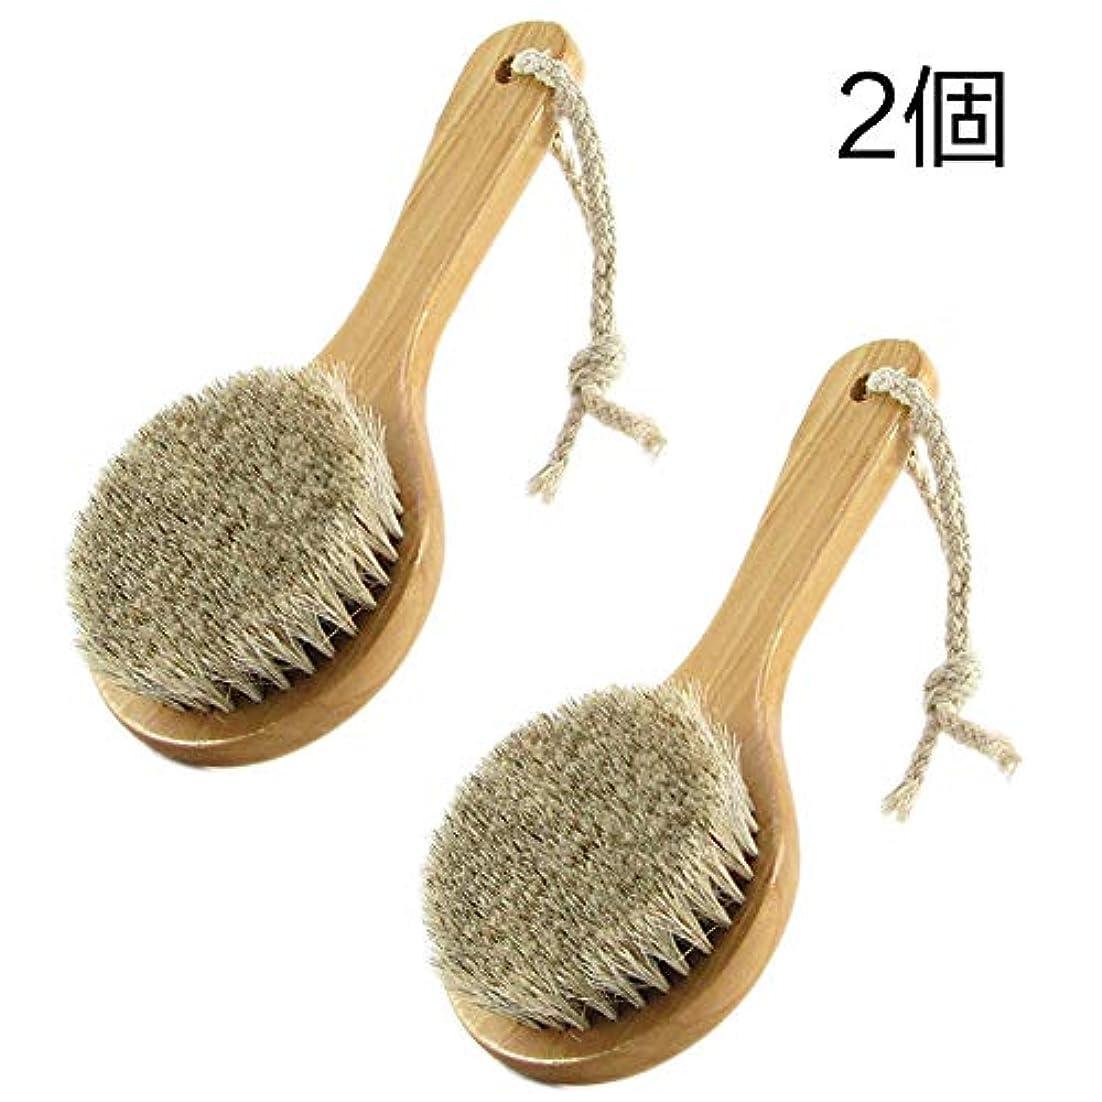 引用漏れパトワ2個 馬毛ボディブラシ 木製 短柄 足を洗う お風呂用 体洗い 女性 角質除去 柔らかい 美肌 (馬毛ボディブラシ)